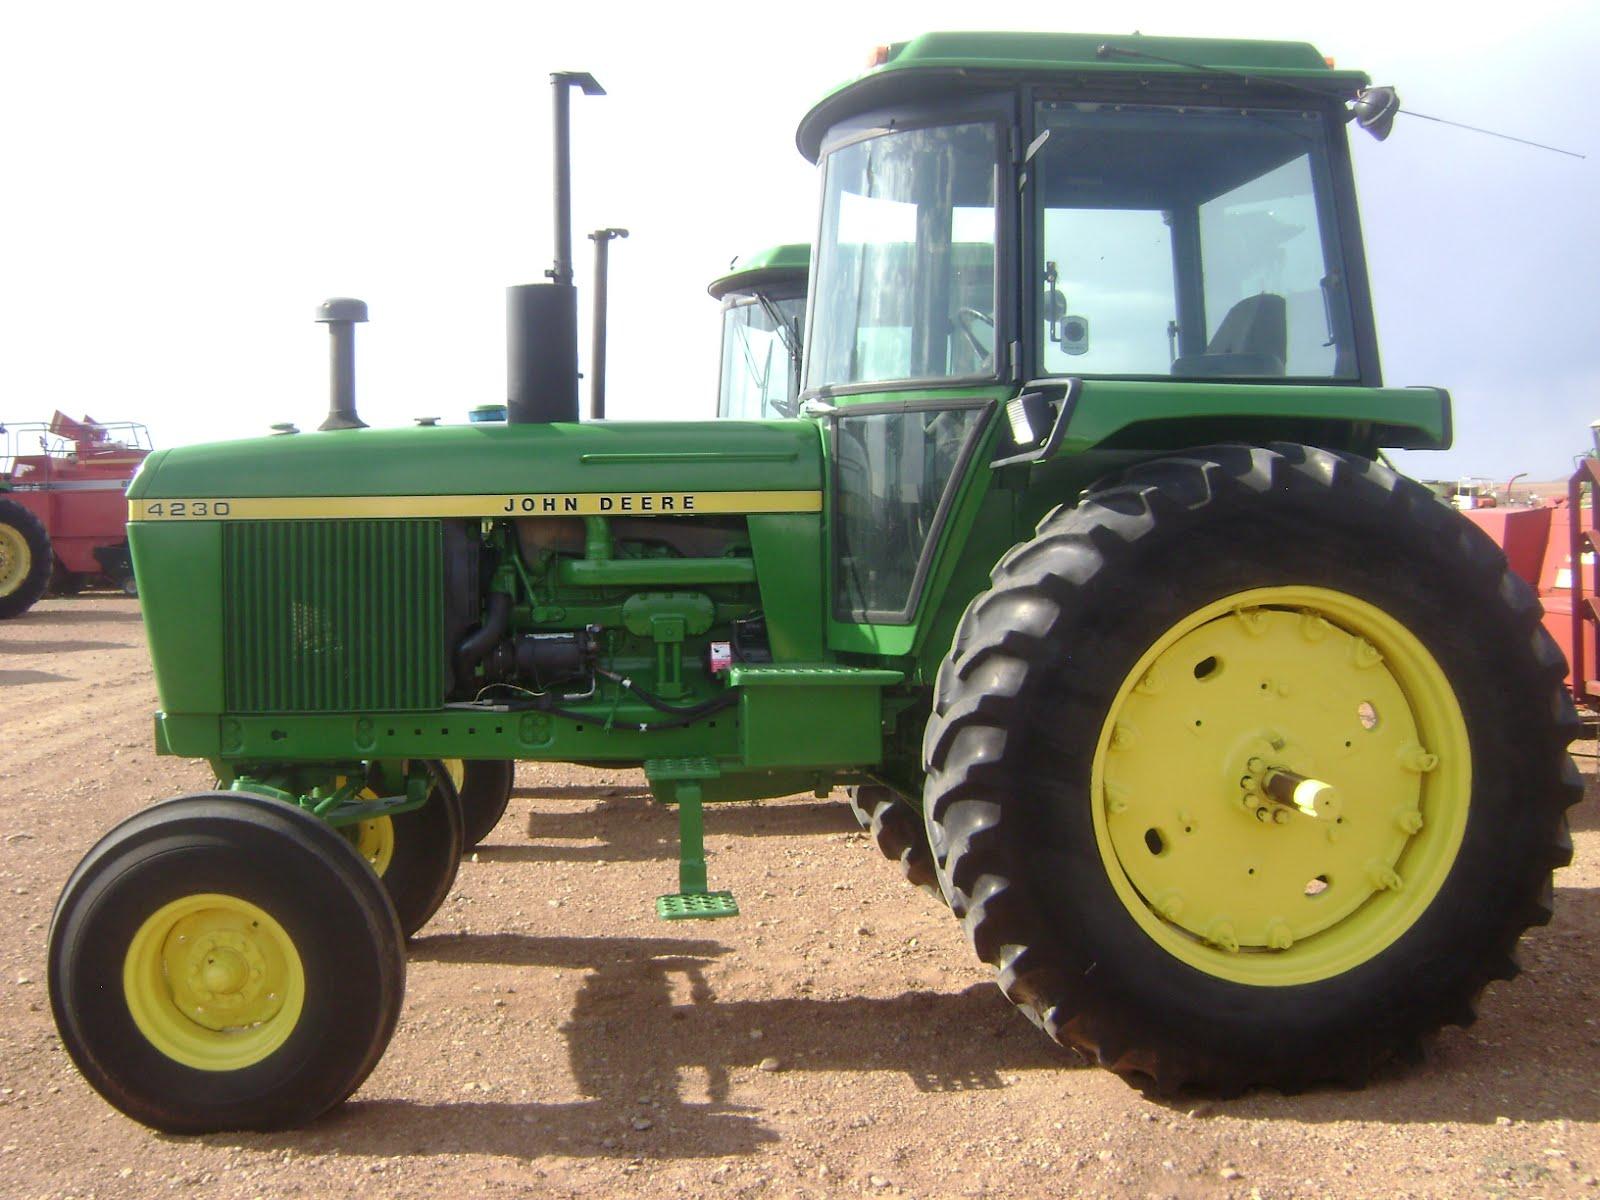 4230 John Deere : Maquinaria agricola industrial tractor john deere